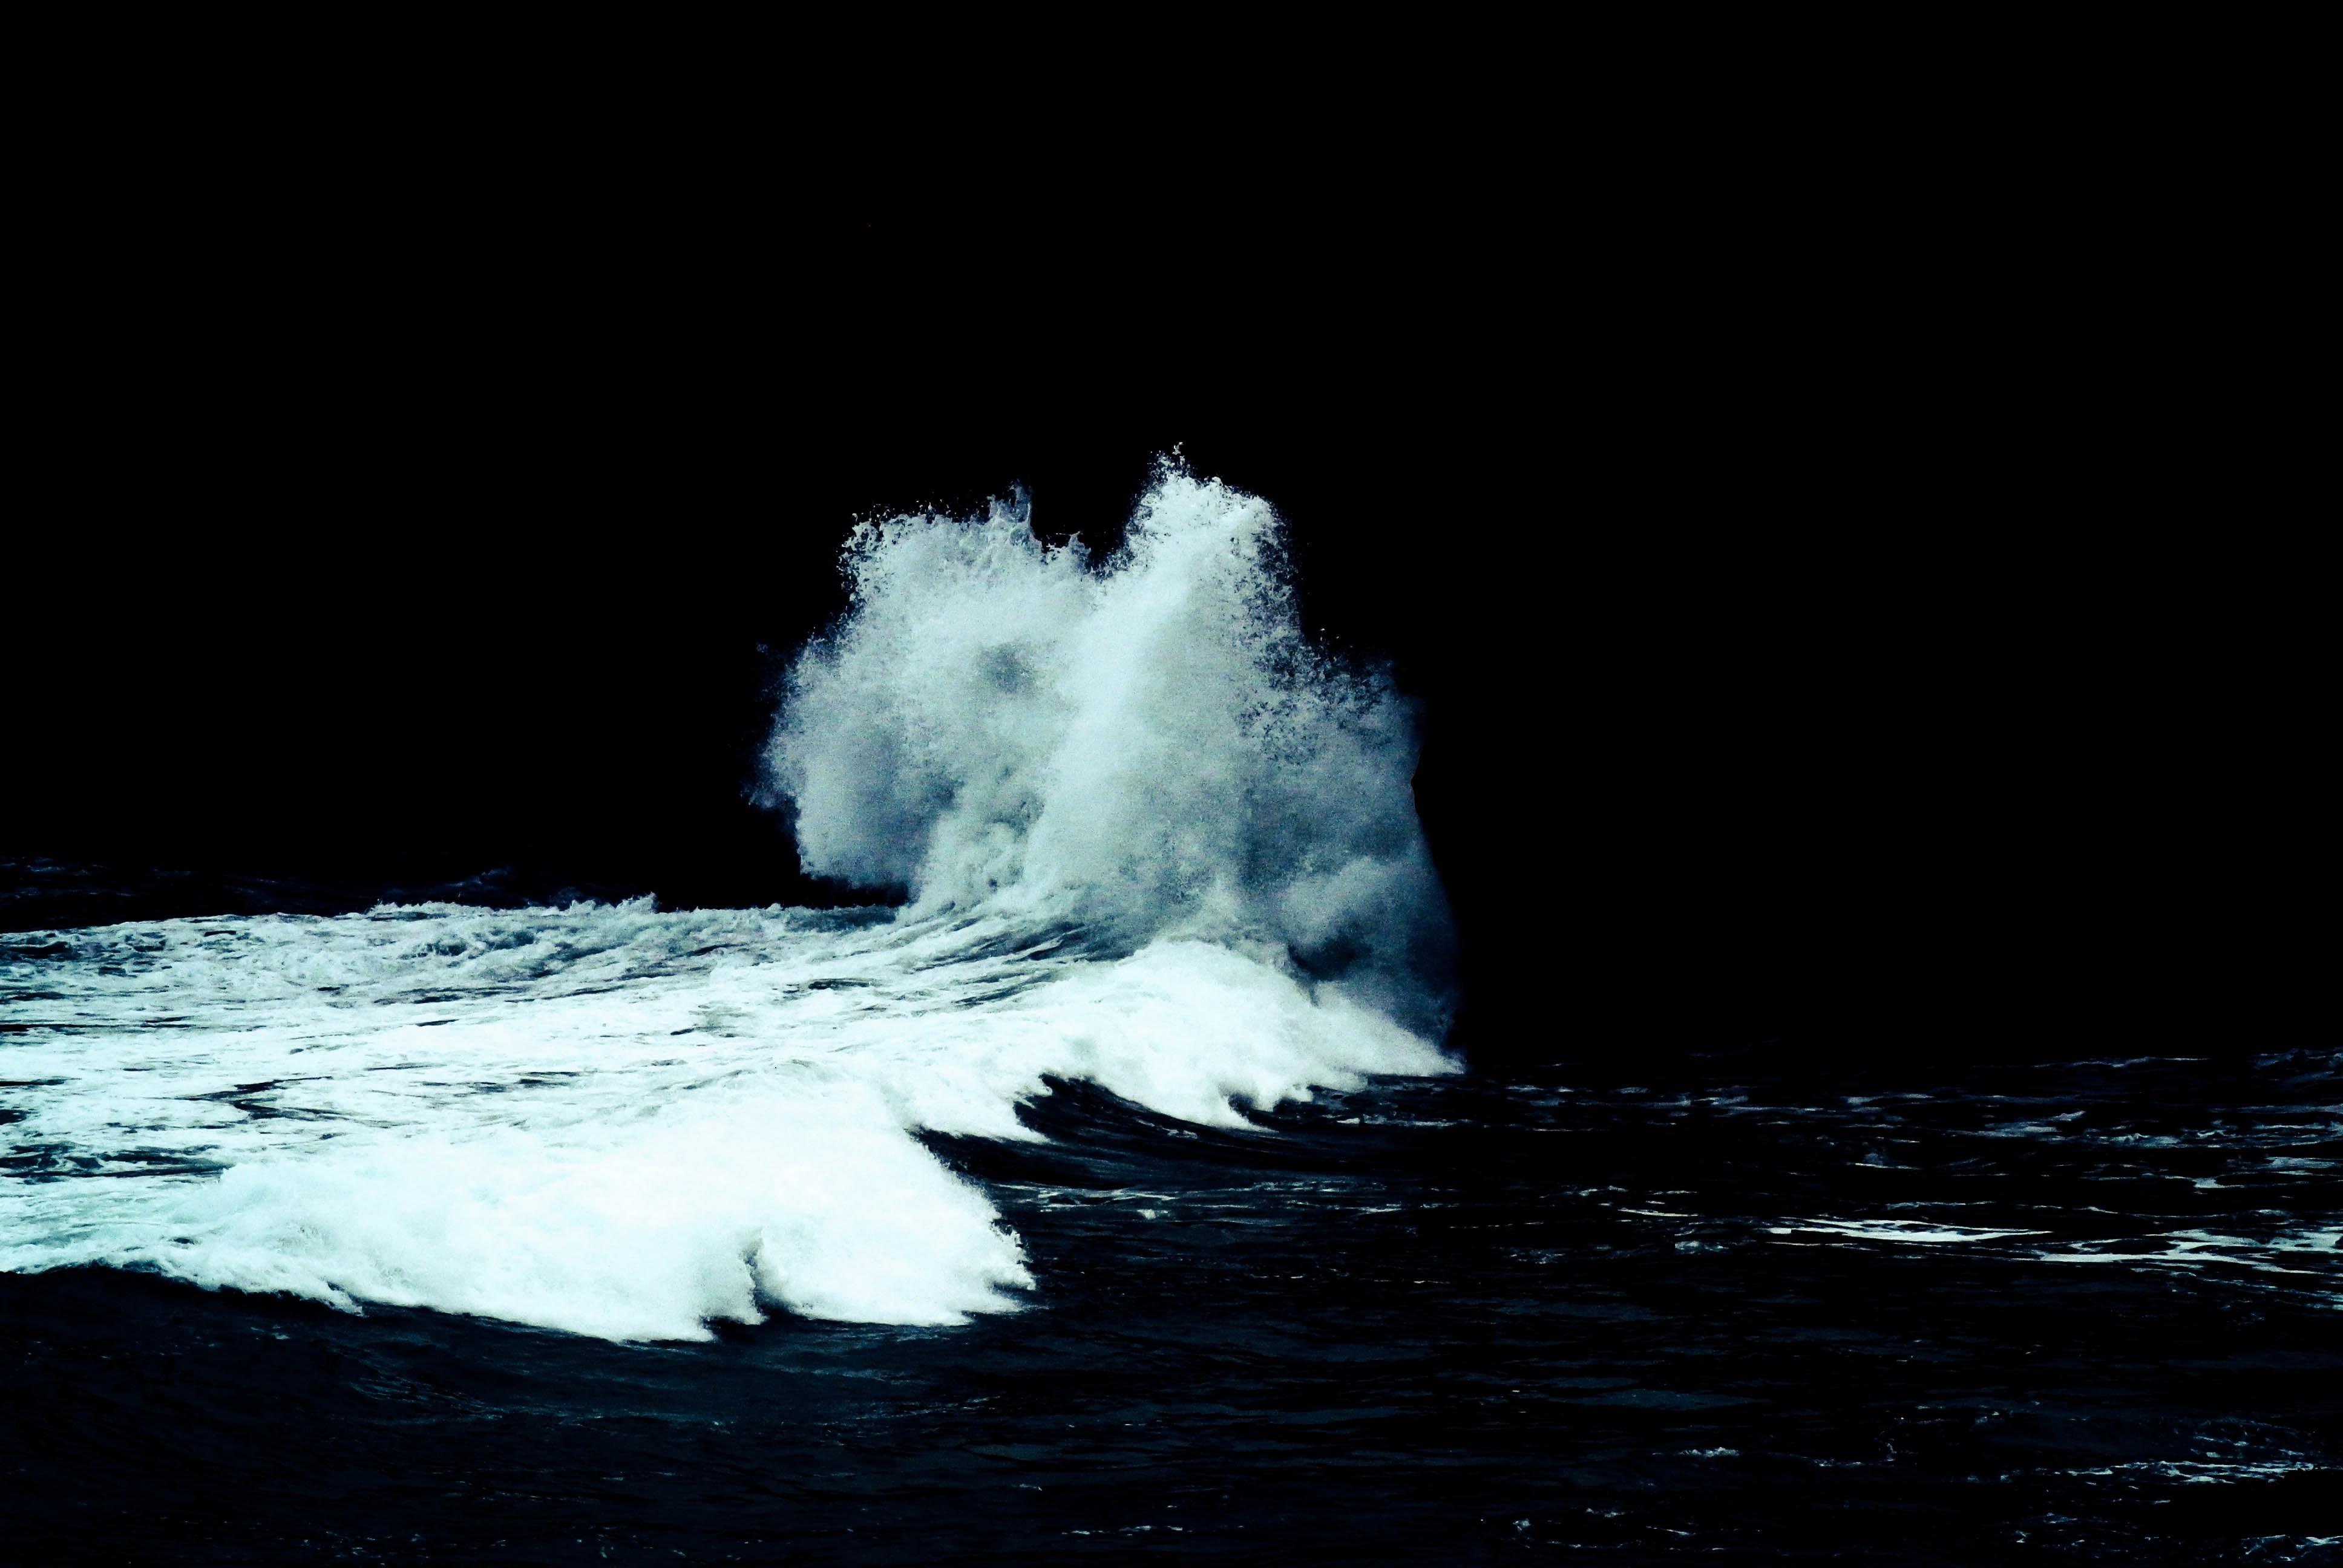 Seawater crashing onshore